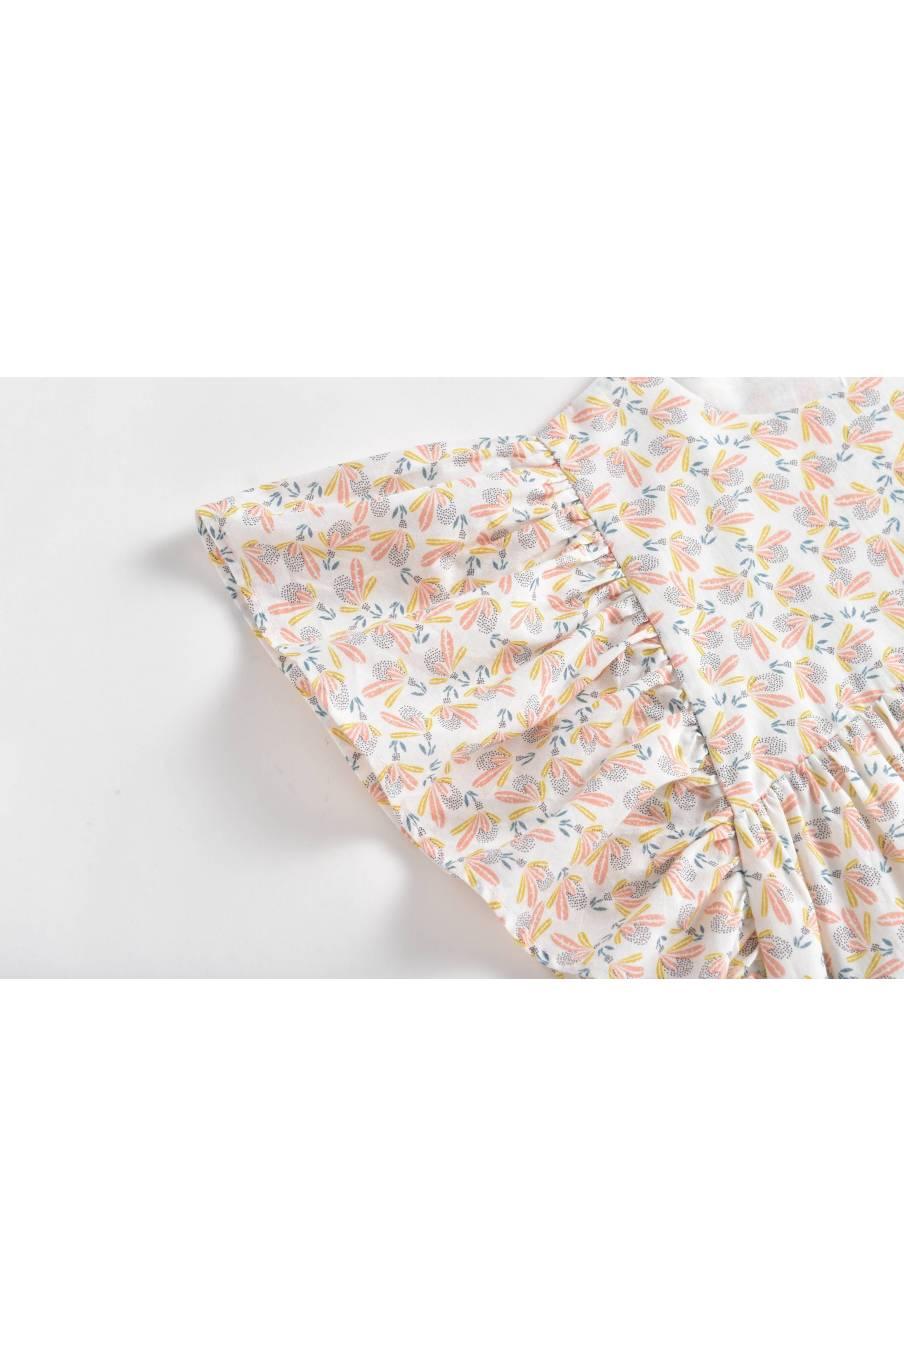 Dress Almas Cream Petals